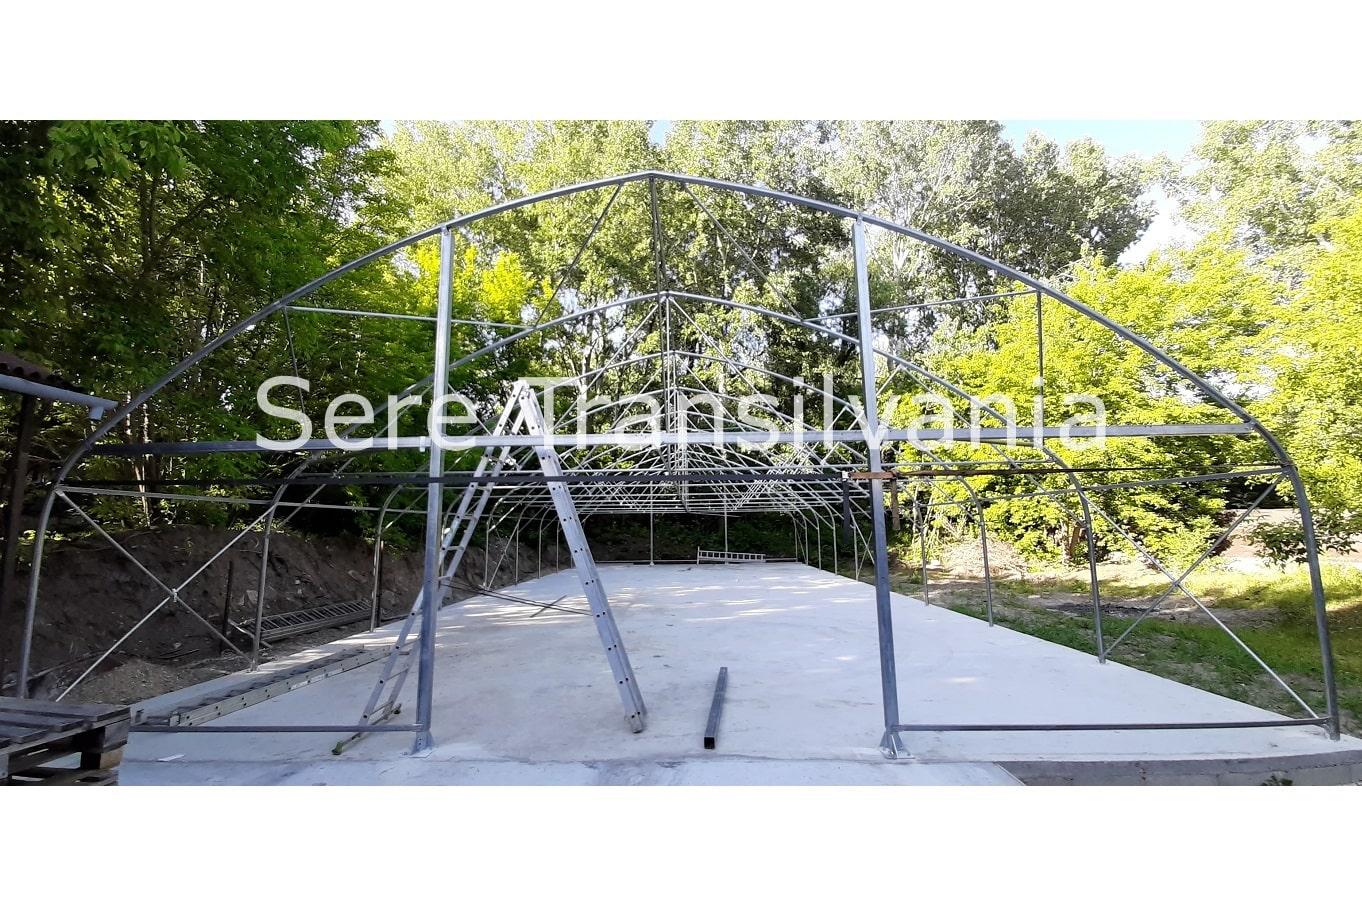 structura cort industrial cu pereti inalti